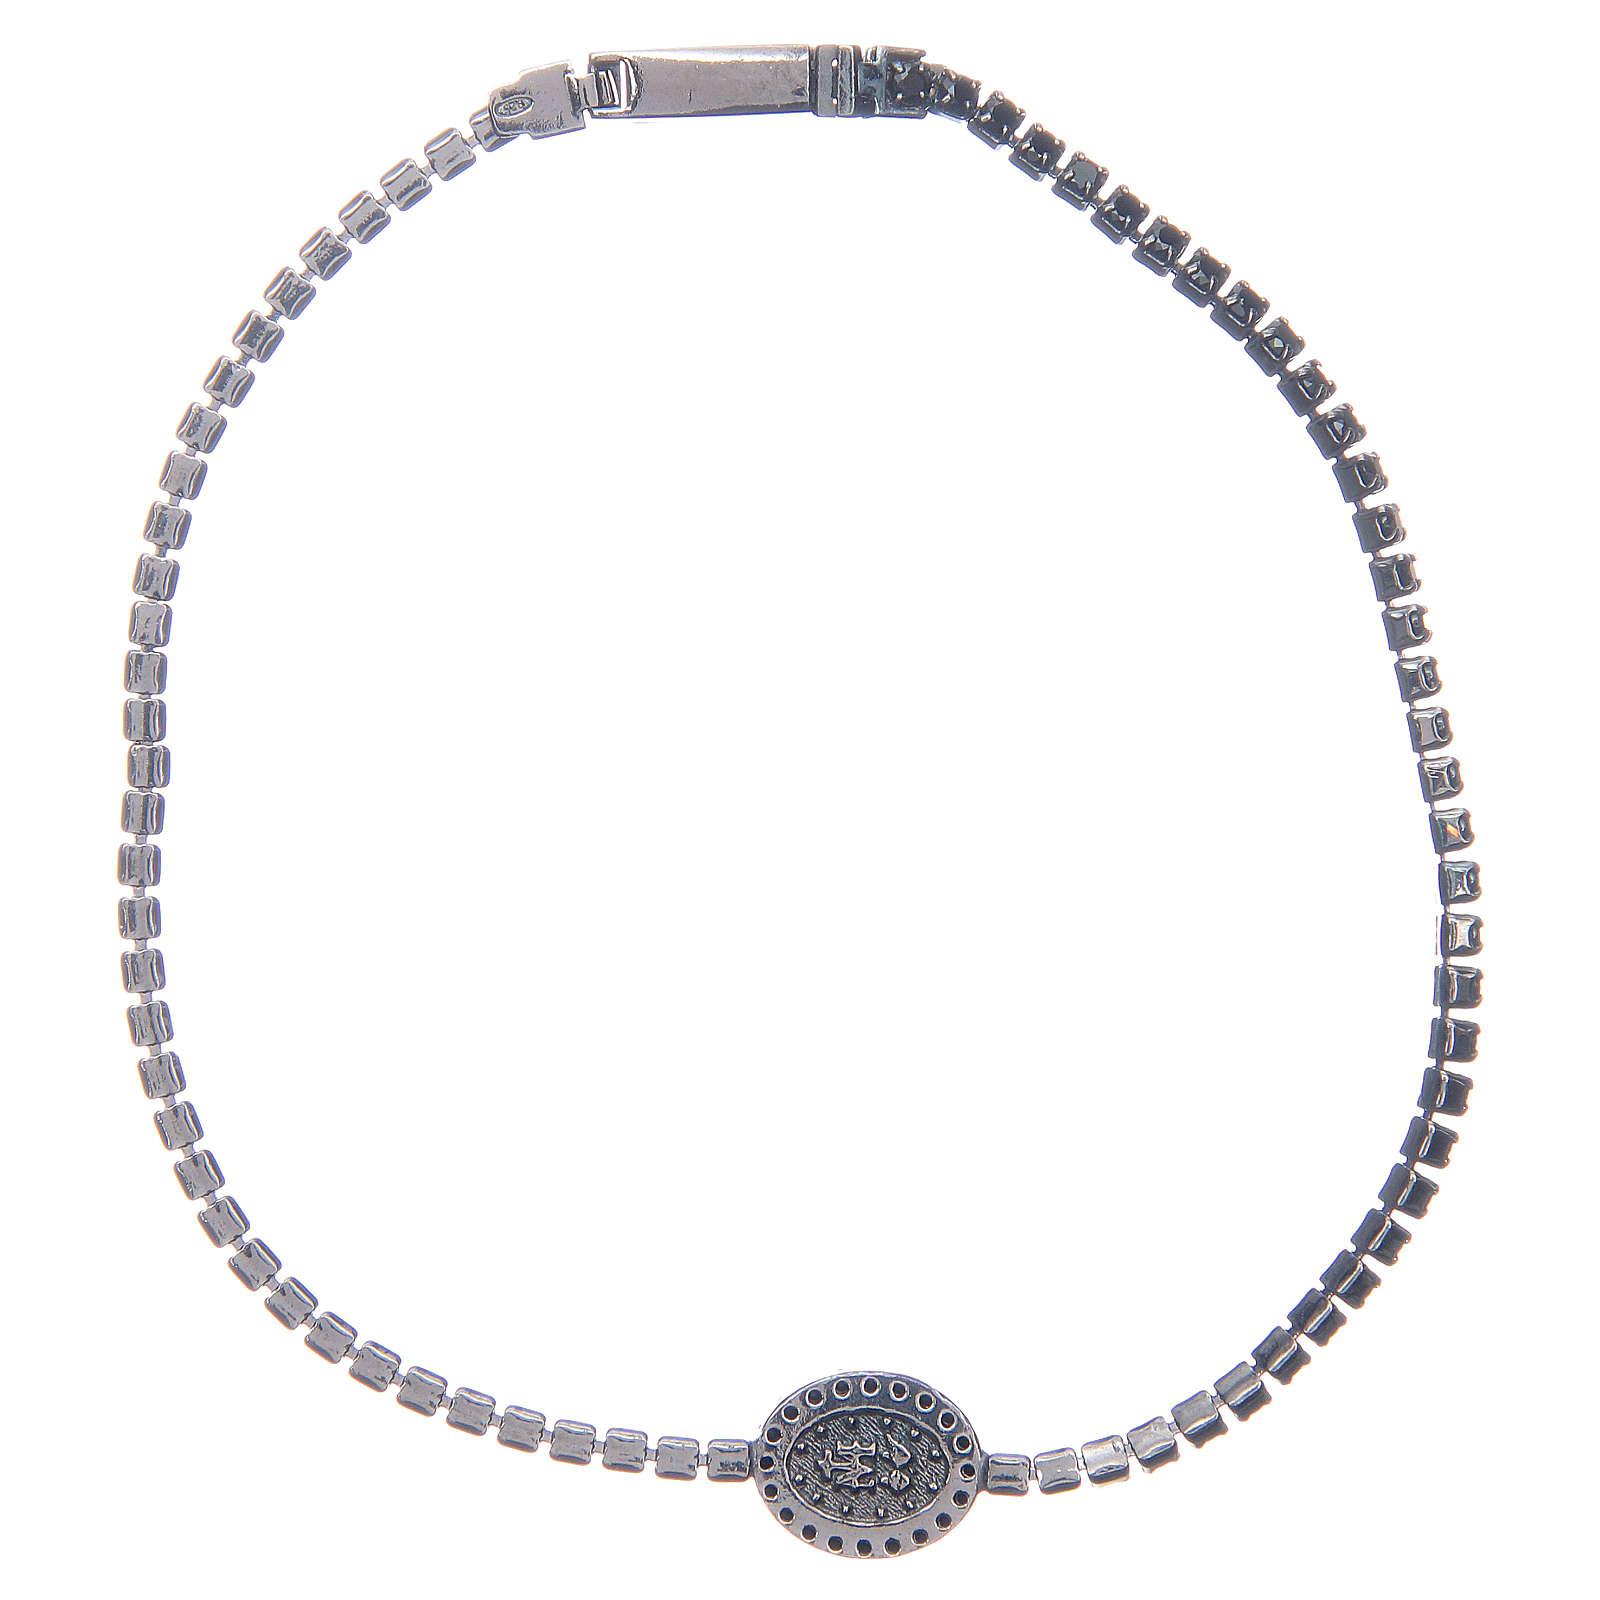 Bracelet Amen rivière médaille Miraculeuse zircons noirs 4